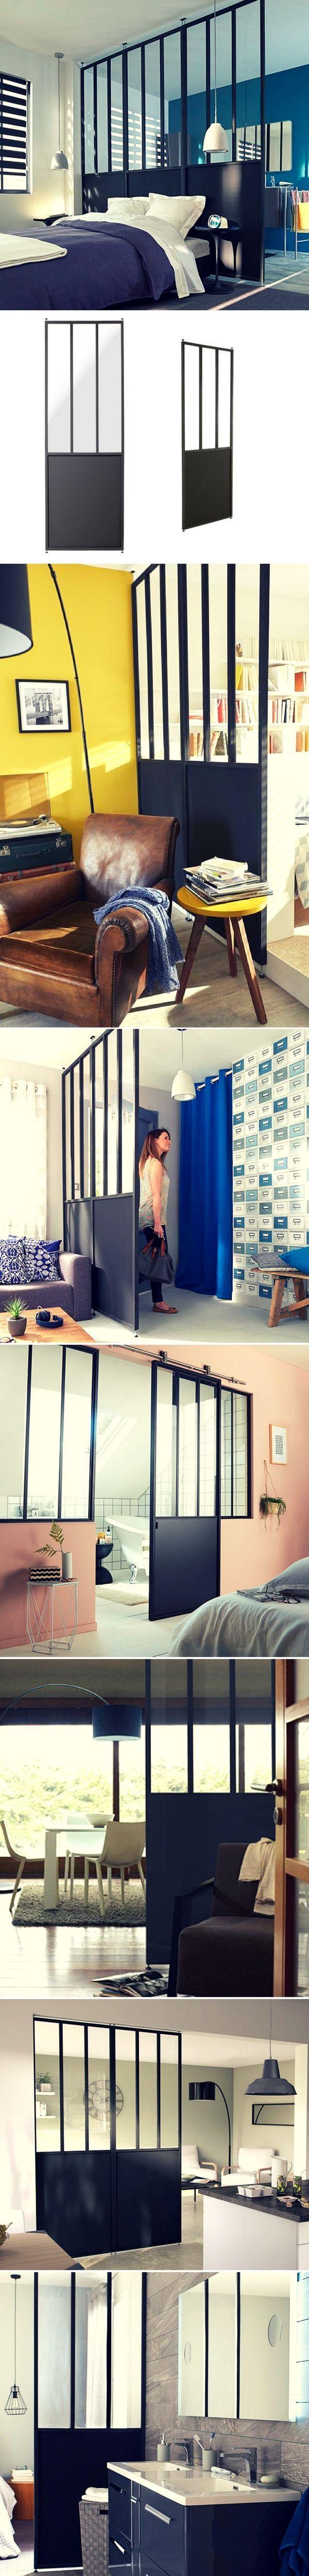 Verriere Castorama Les Differents Modeles Avis Photos Verriere Castorama Amenagement Maison Maison